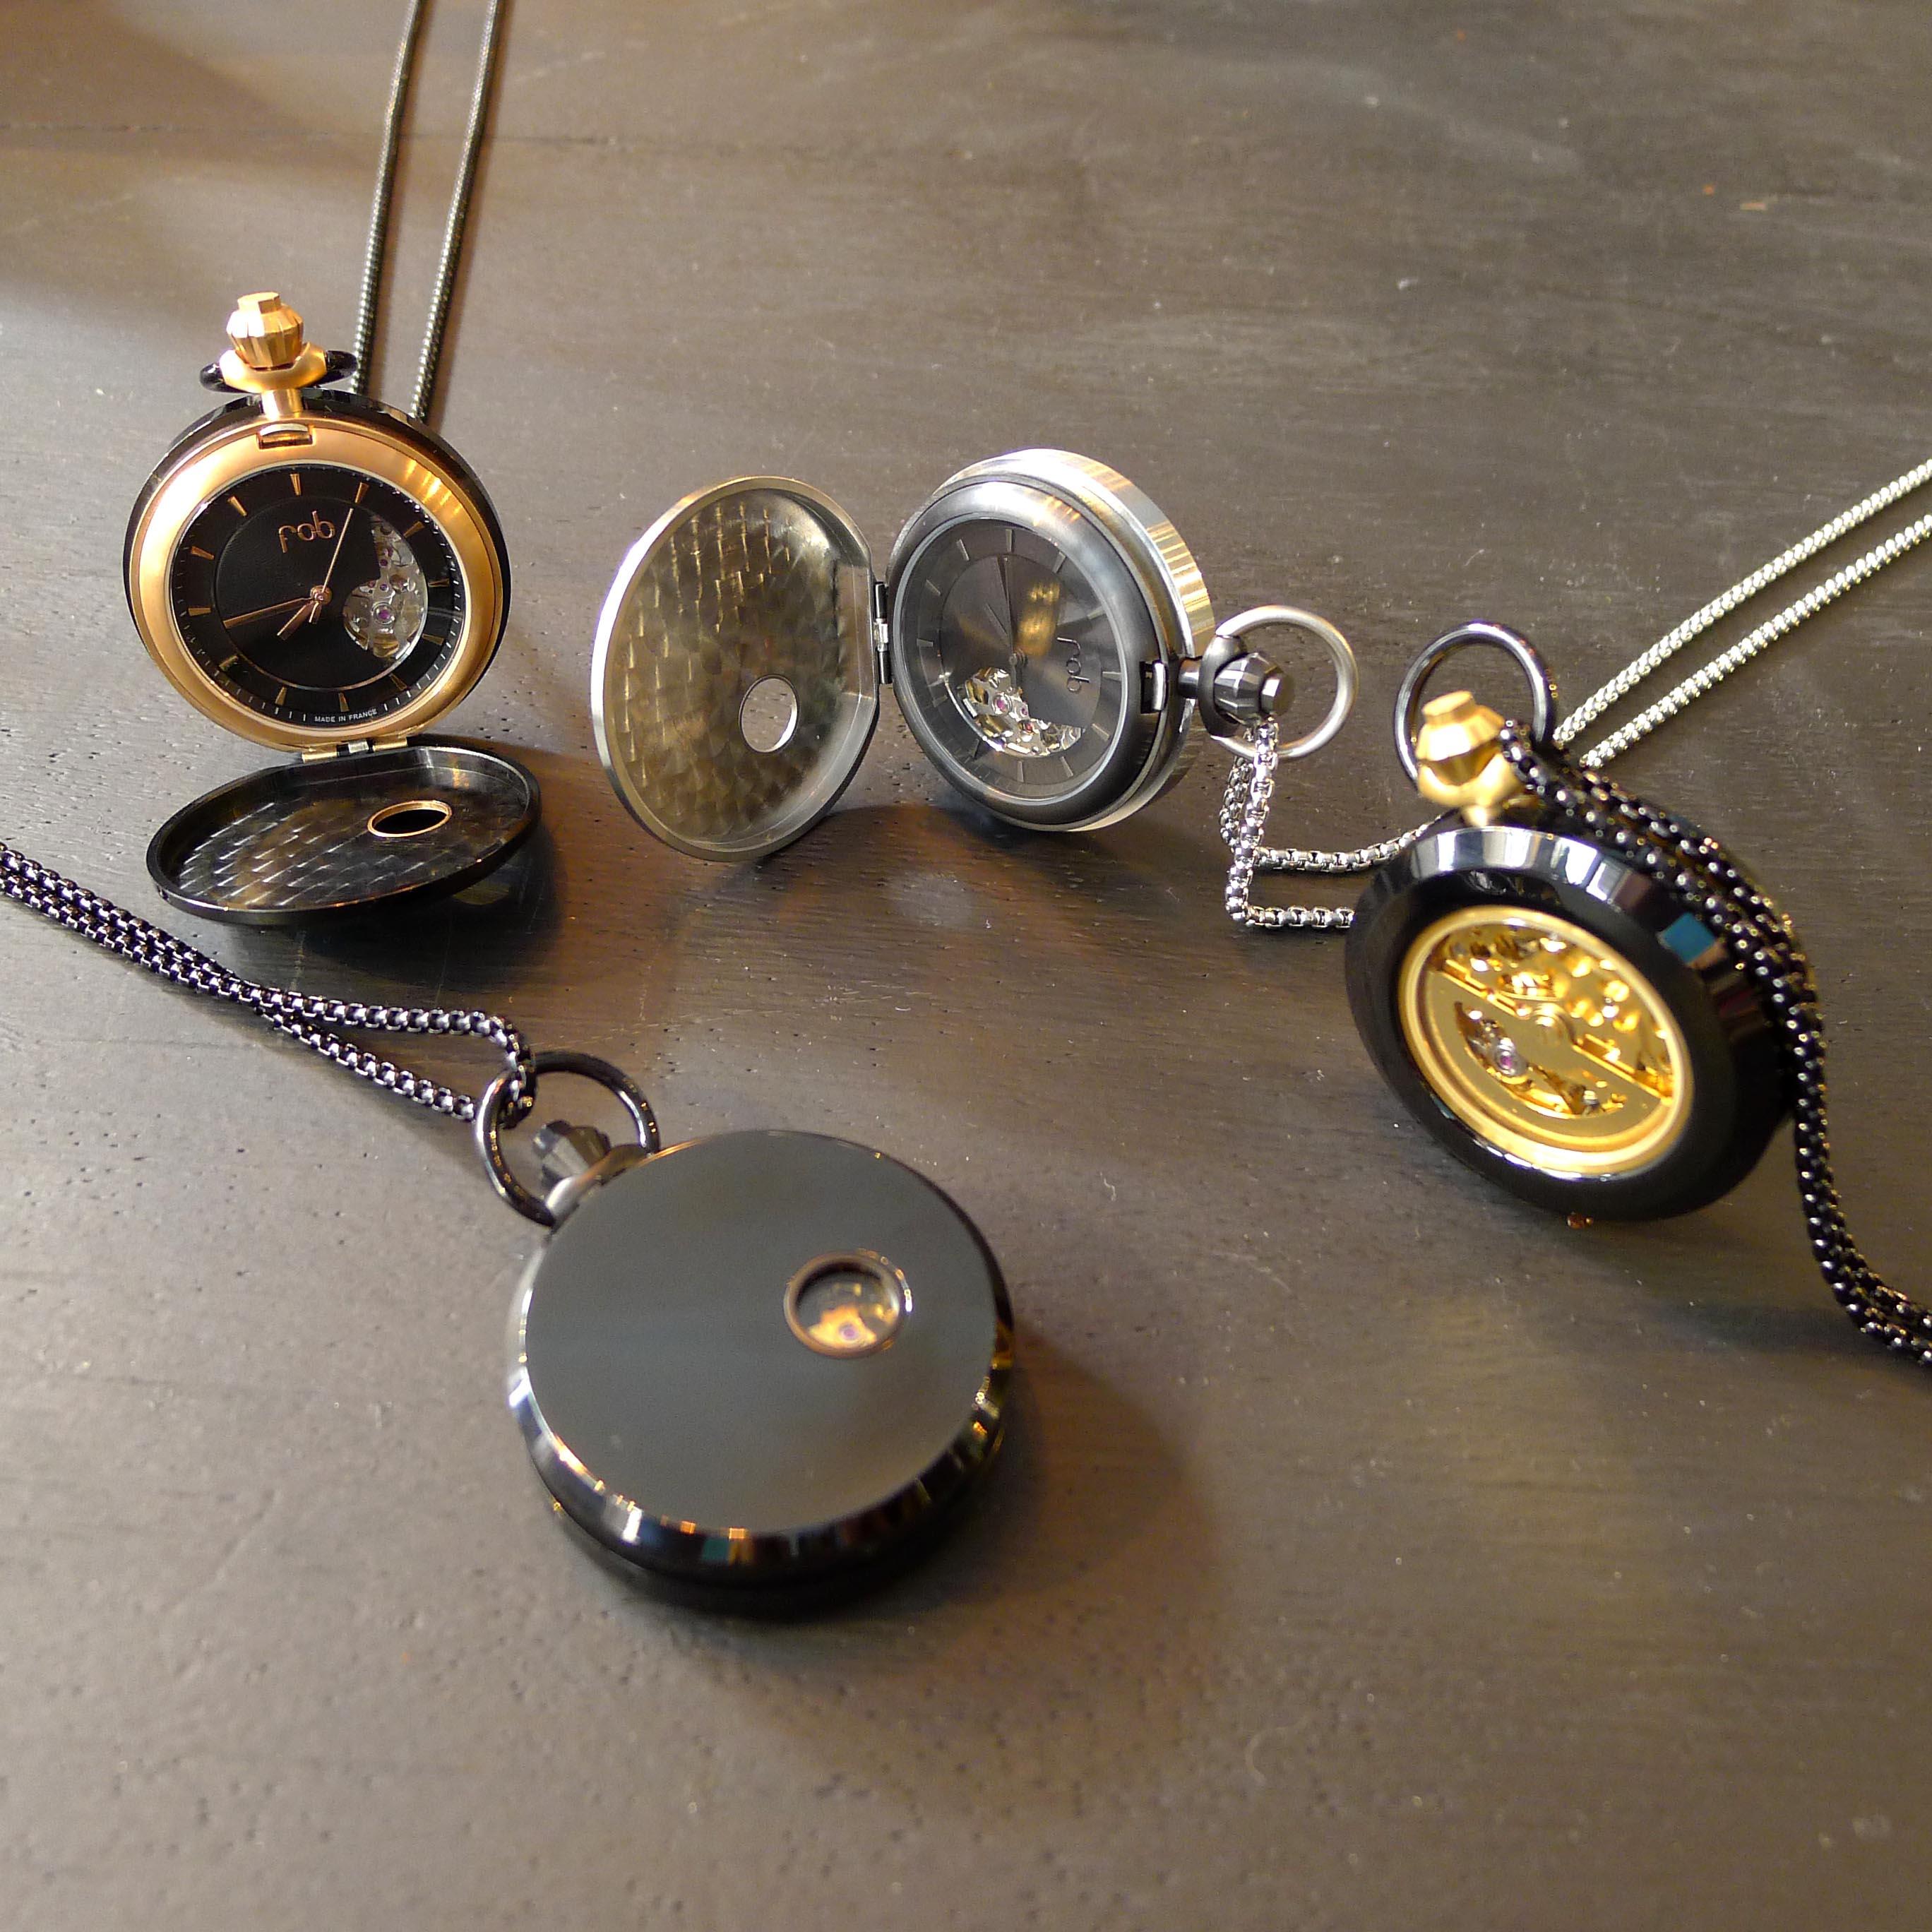 Taschenuhren modern  AUTOMATIK, EDELSTAHL, FOB, GOLD, kupfer, MECHANISCH, schwarz ...